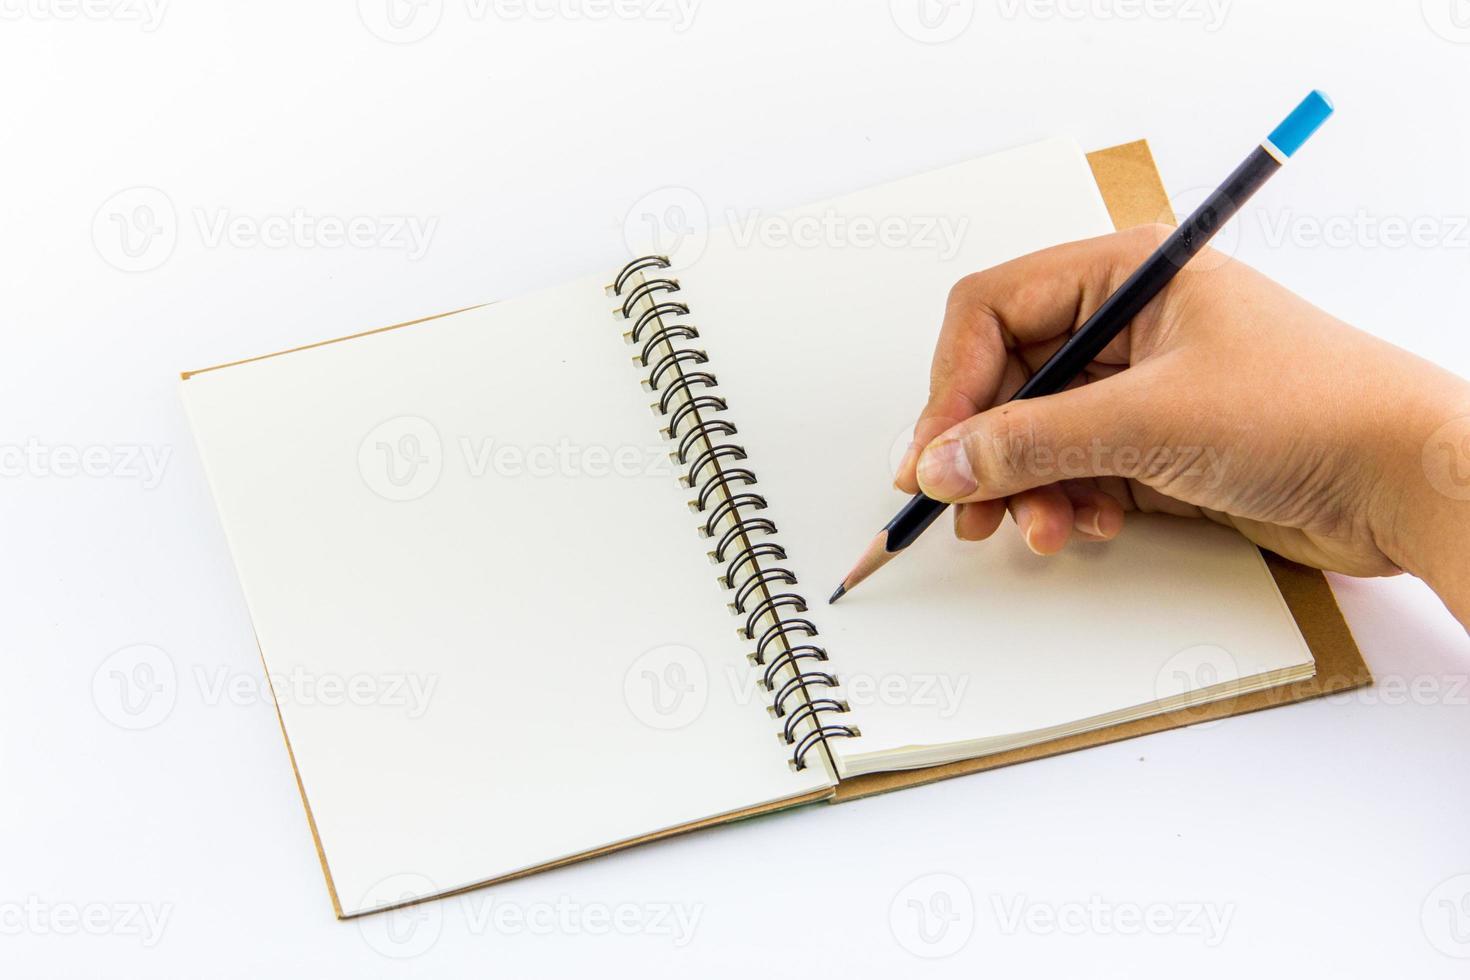 scrittura a mano su quaderno foto